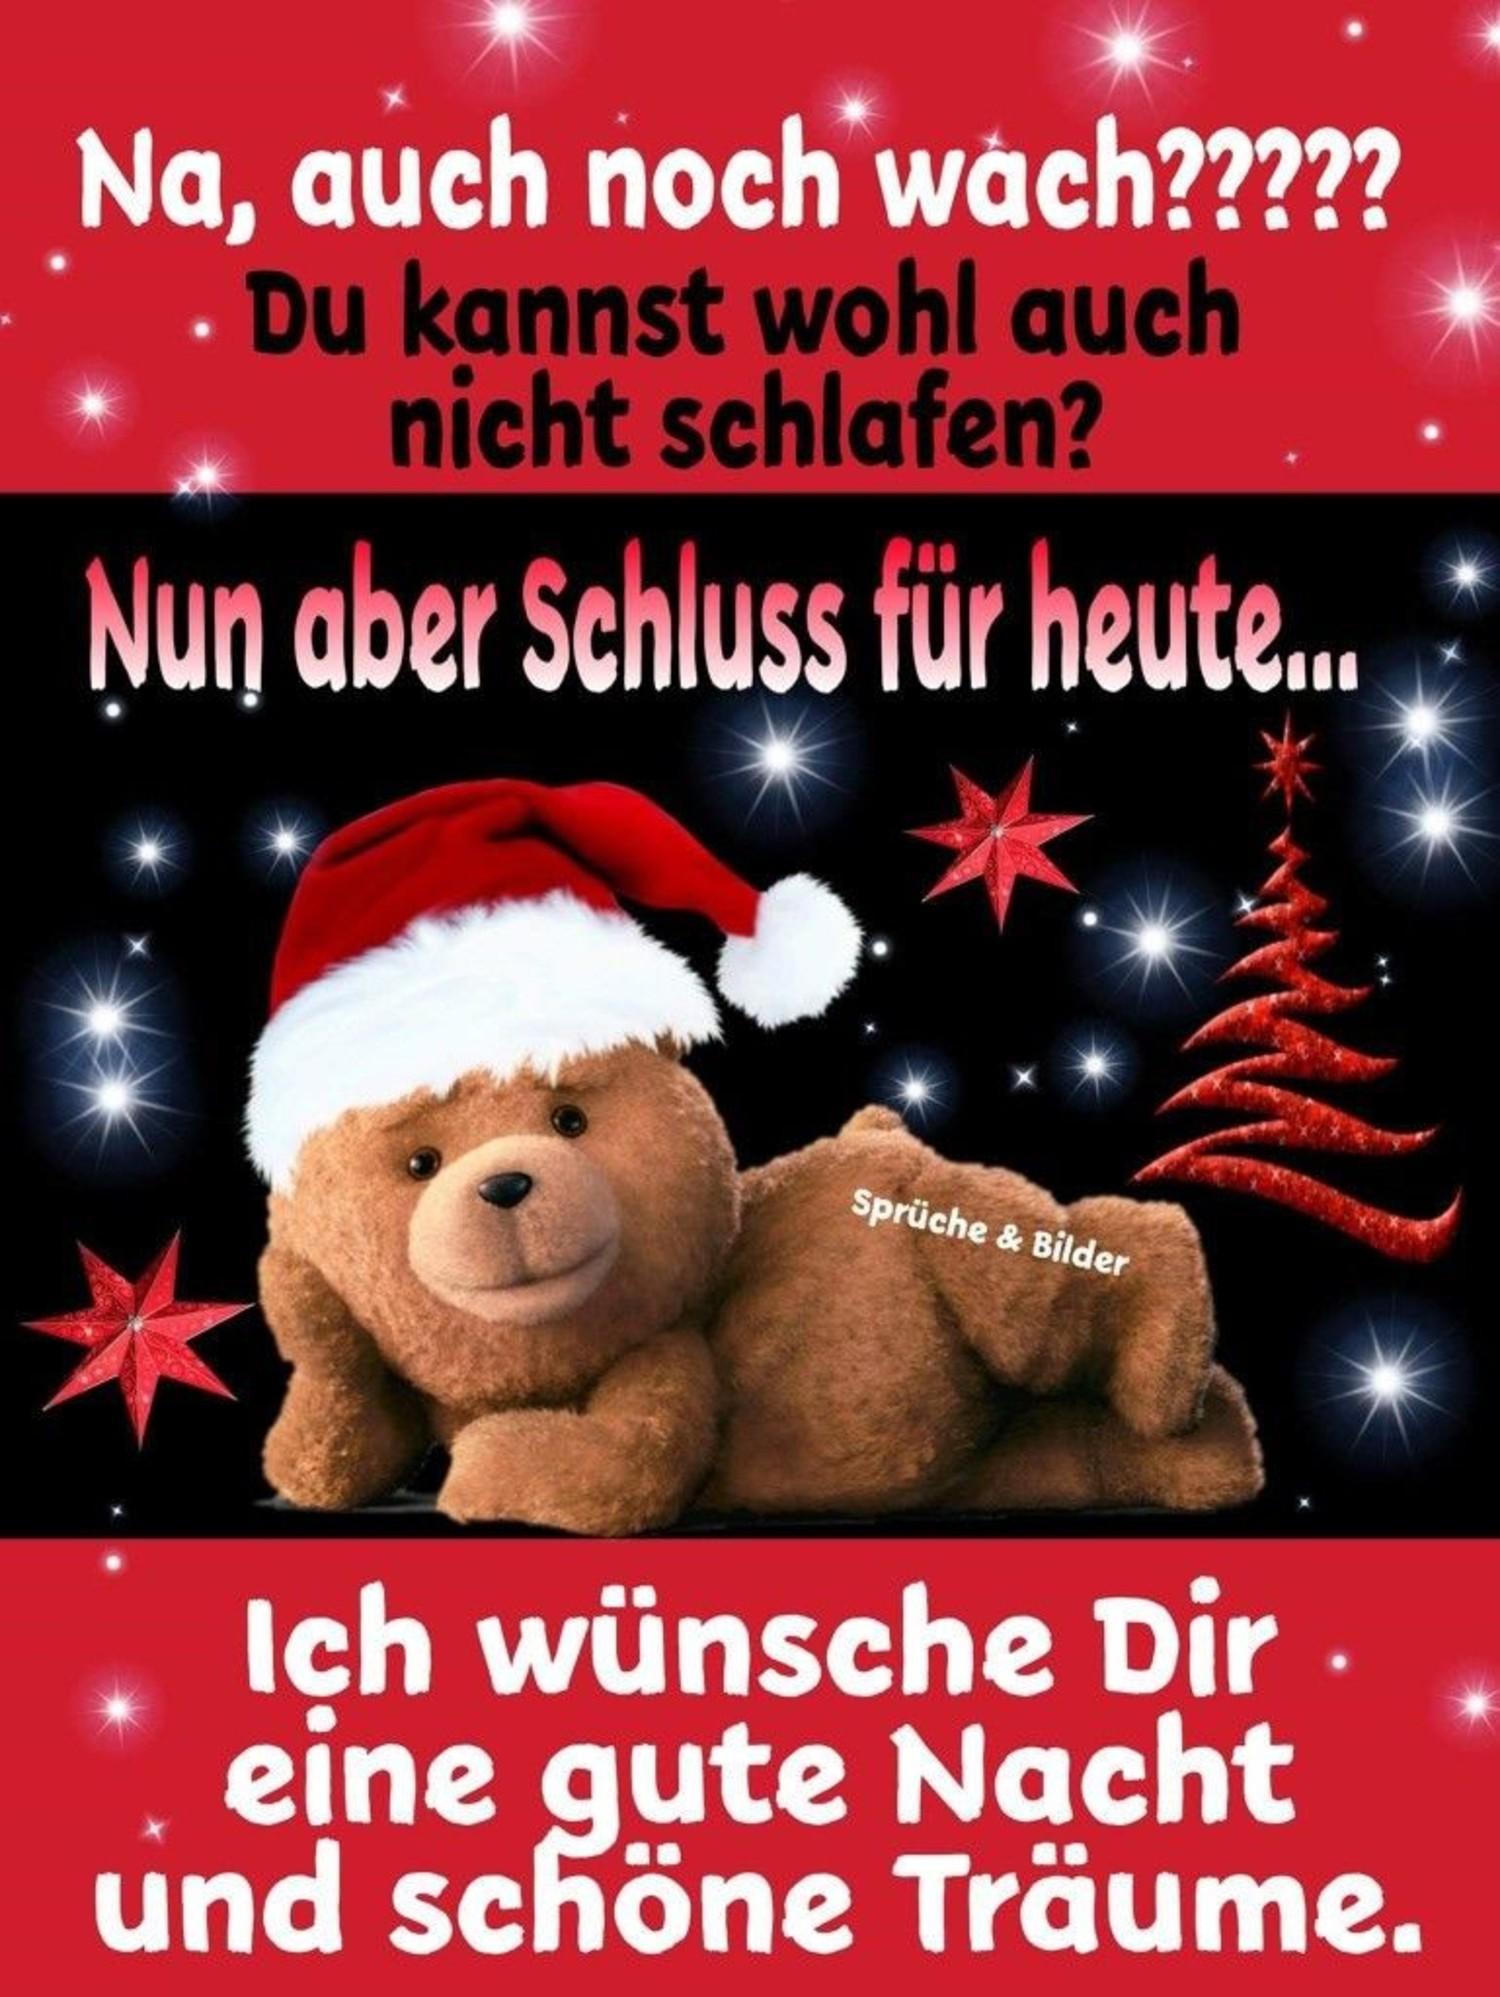 Gute Nacht weihnachten 56